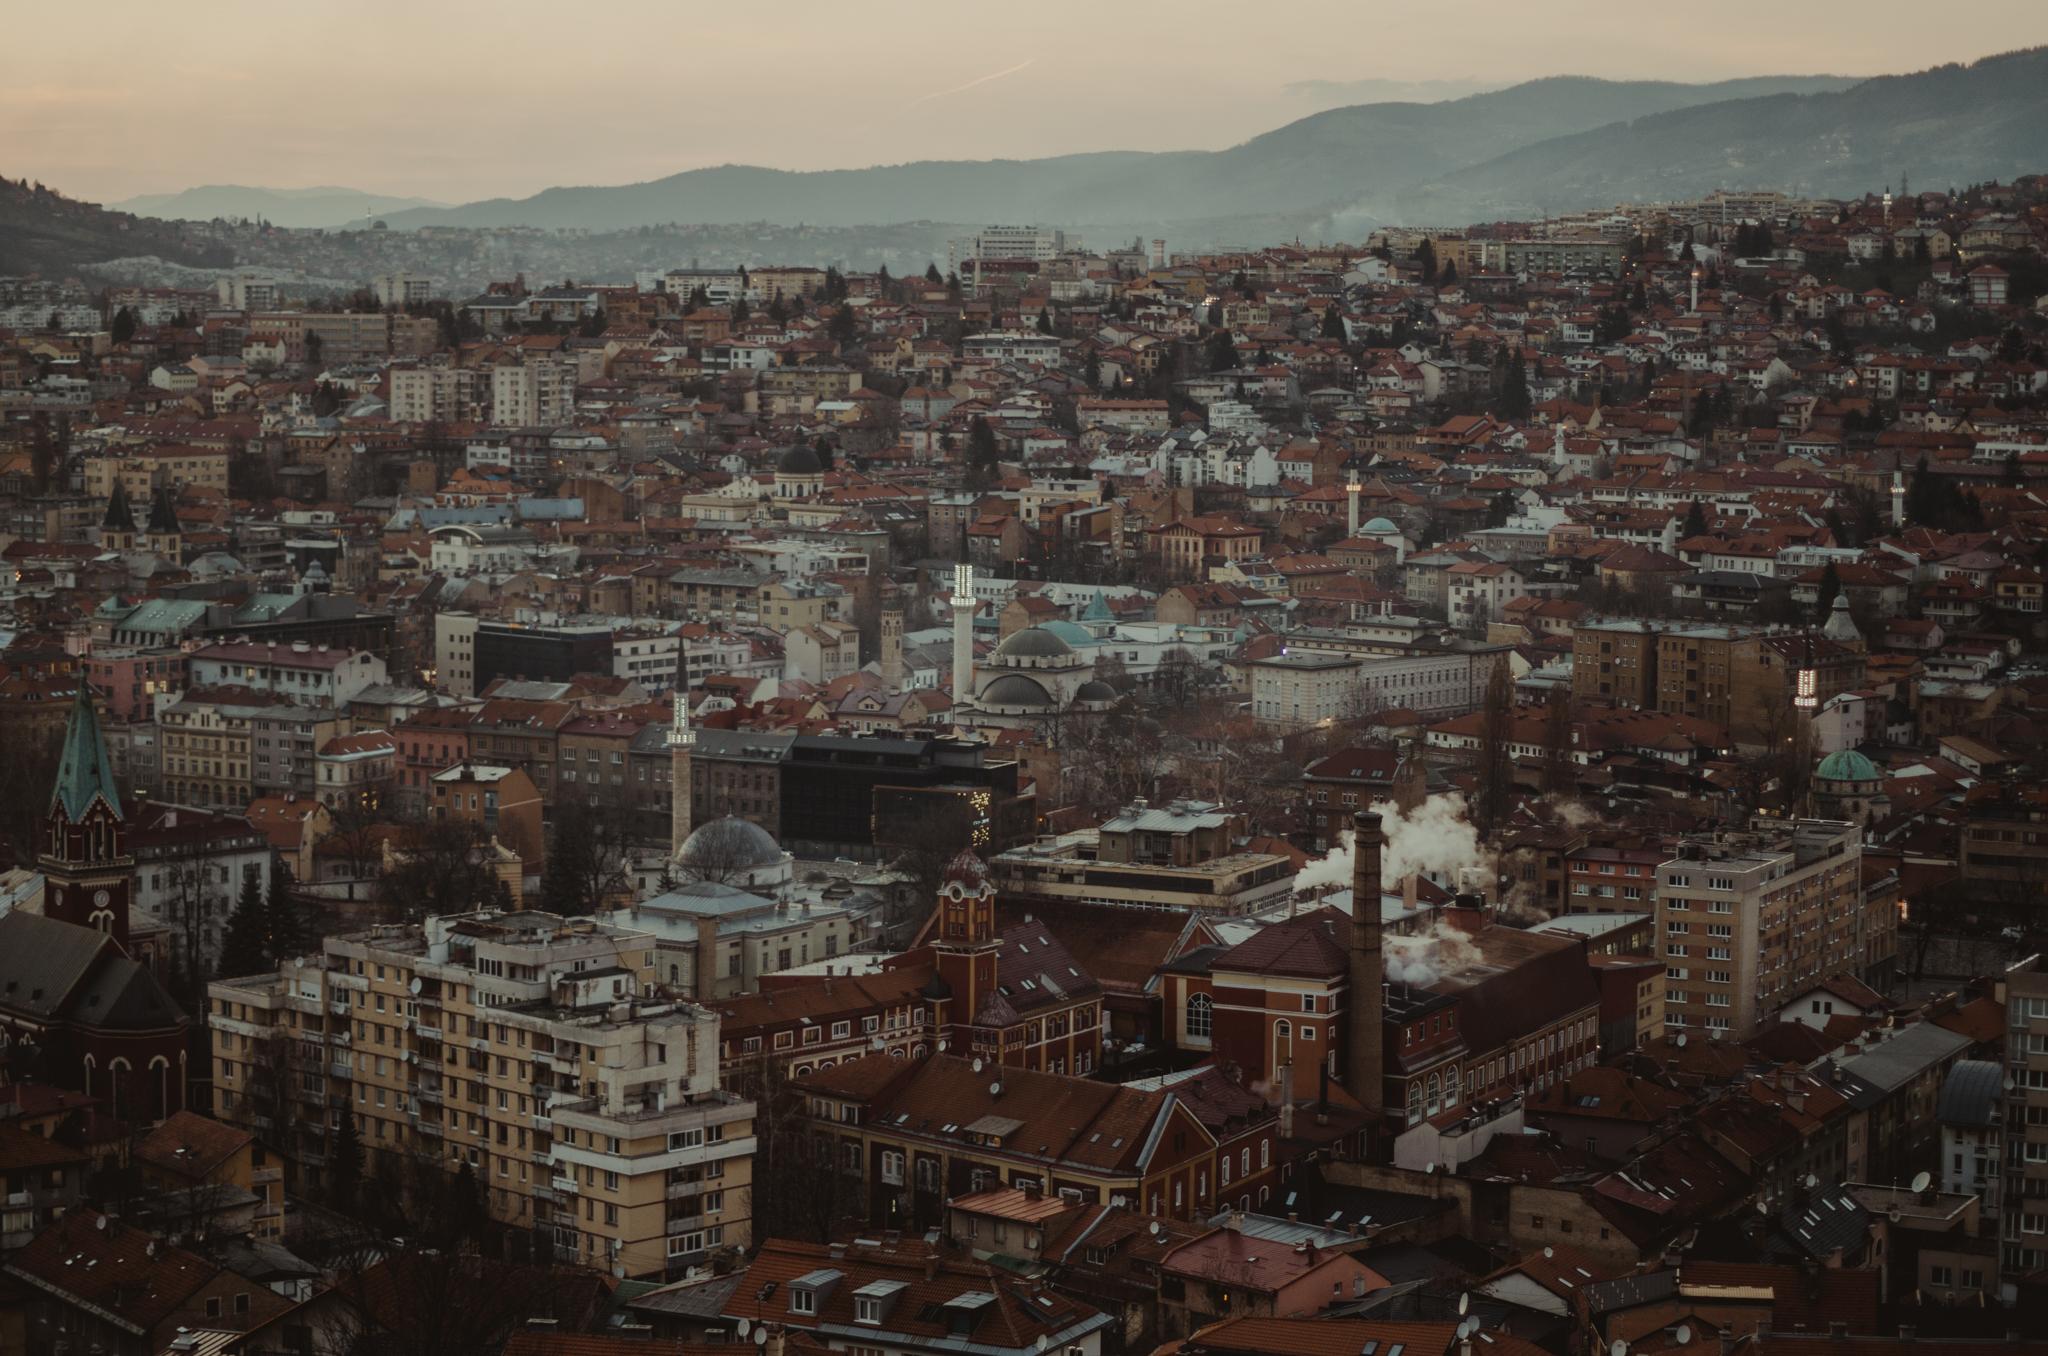 park-princeva-punkty-widokowe-sarajewo-panorama